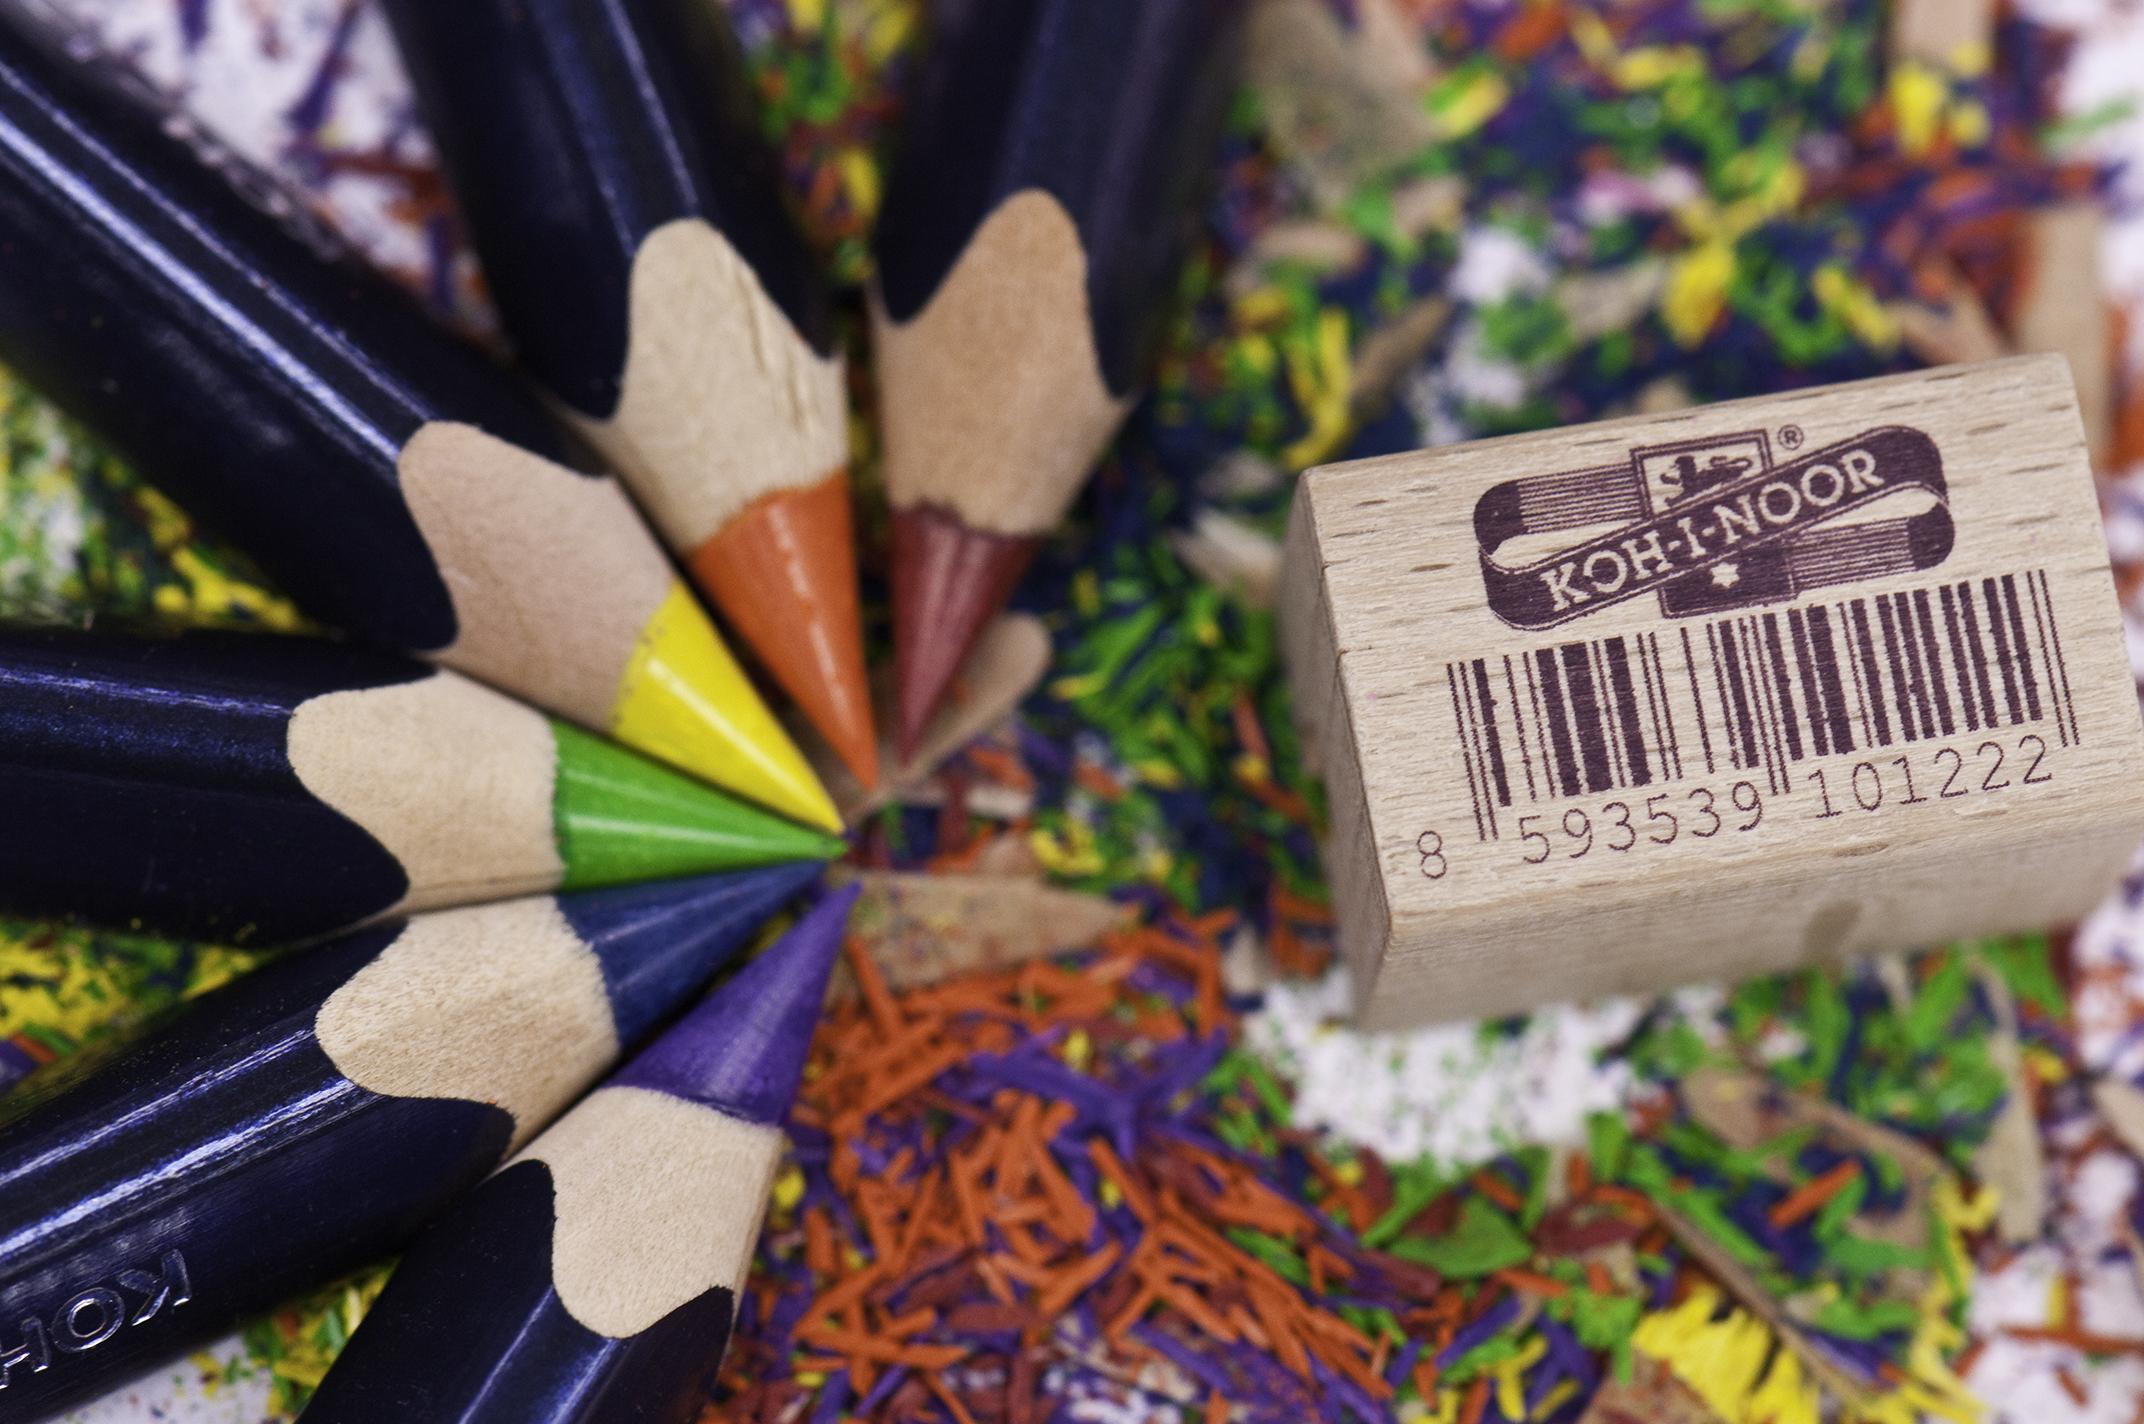 Triocolor Pencils